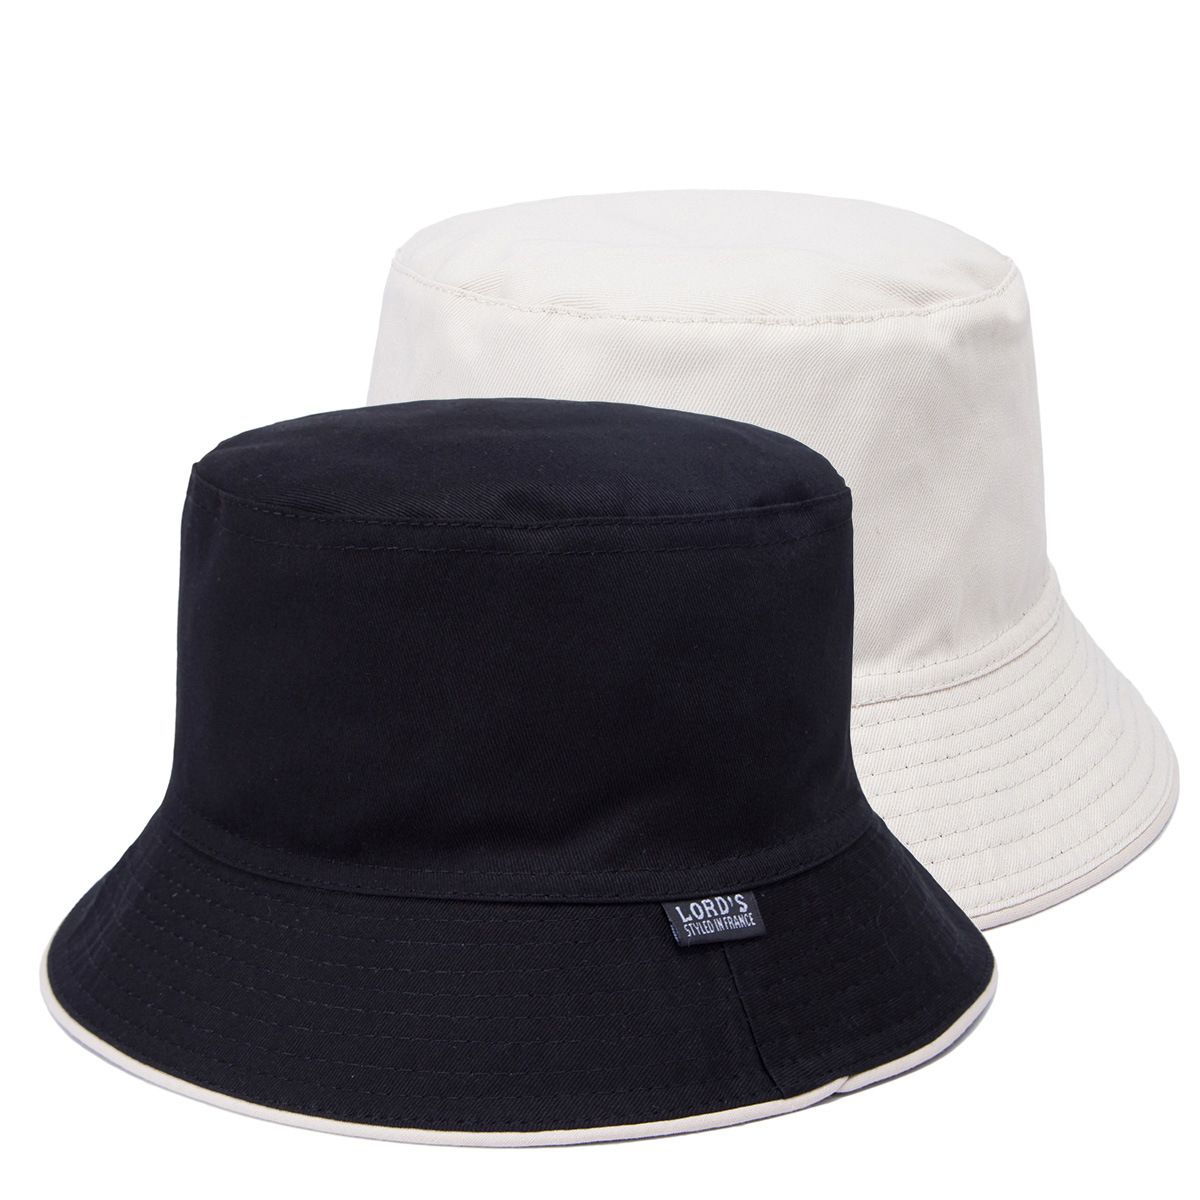 Καπάκι αντρών Αντίστροφη καπάκι ηλίου 100% βαμβάκι ψαρά καπέλα Γυναίκες σε εξωτερικούς χώρους Bob Chapeau